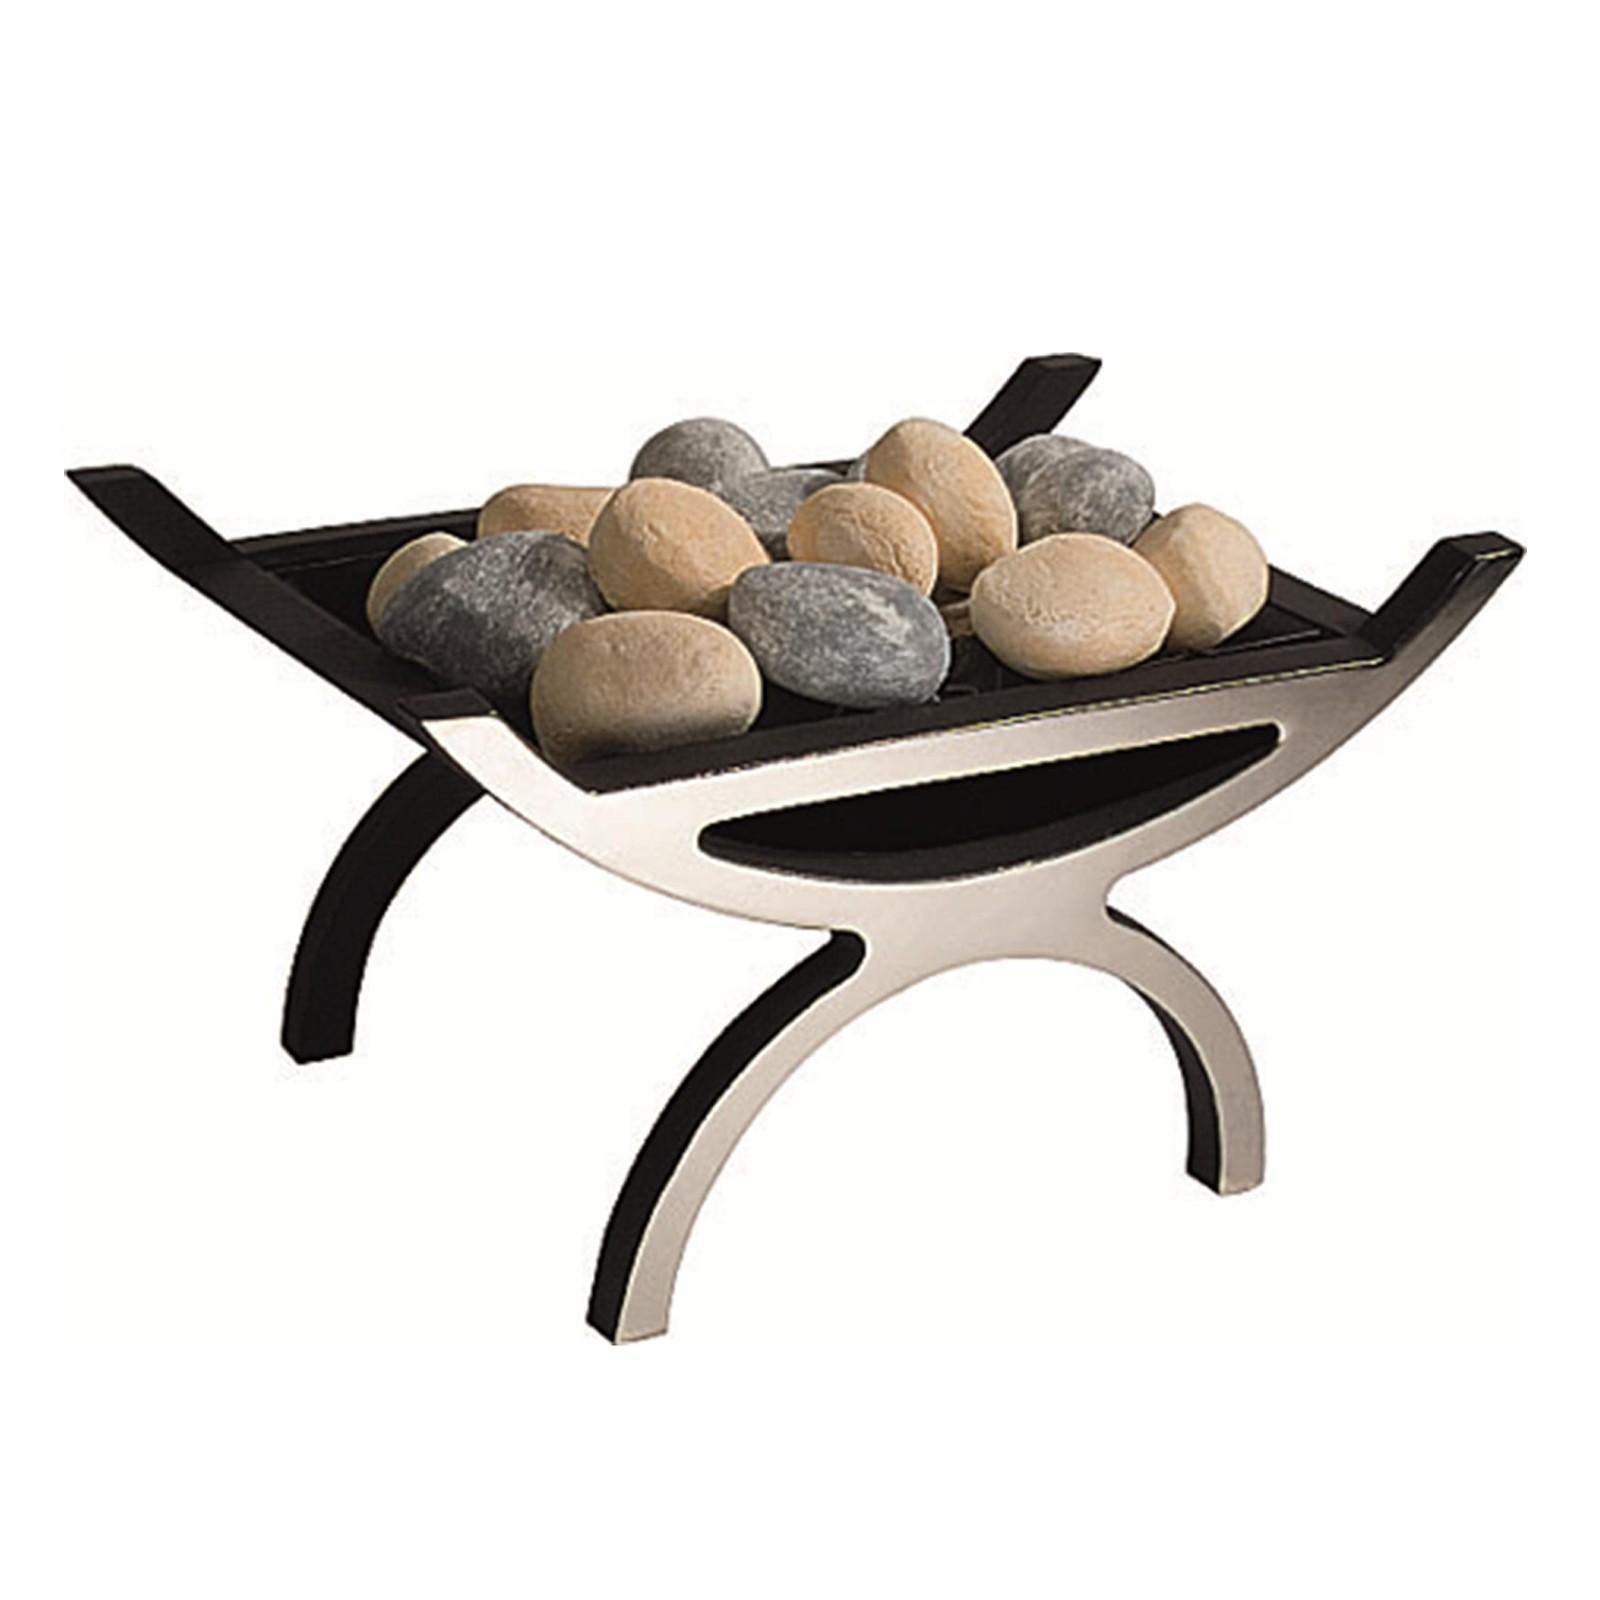 Modern Design Gallery Pulse Cast Iron Gas Fire Basket